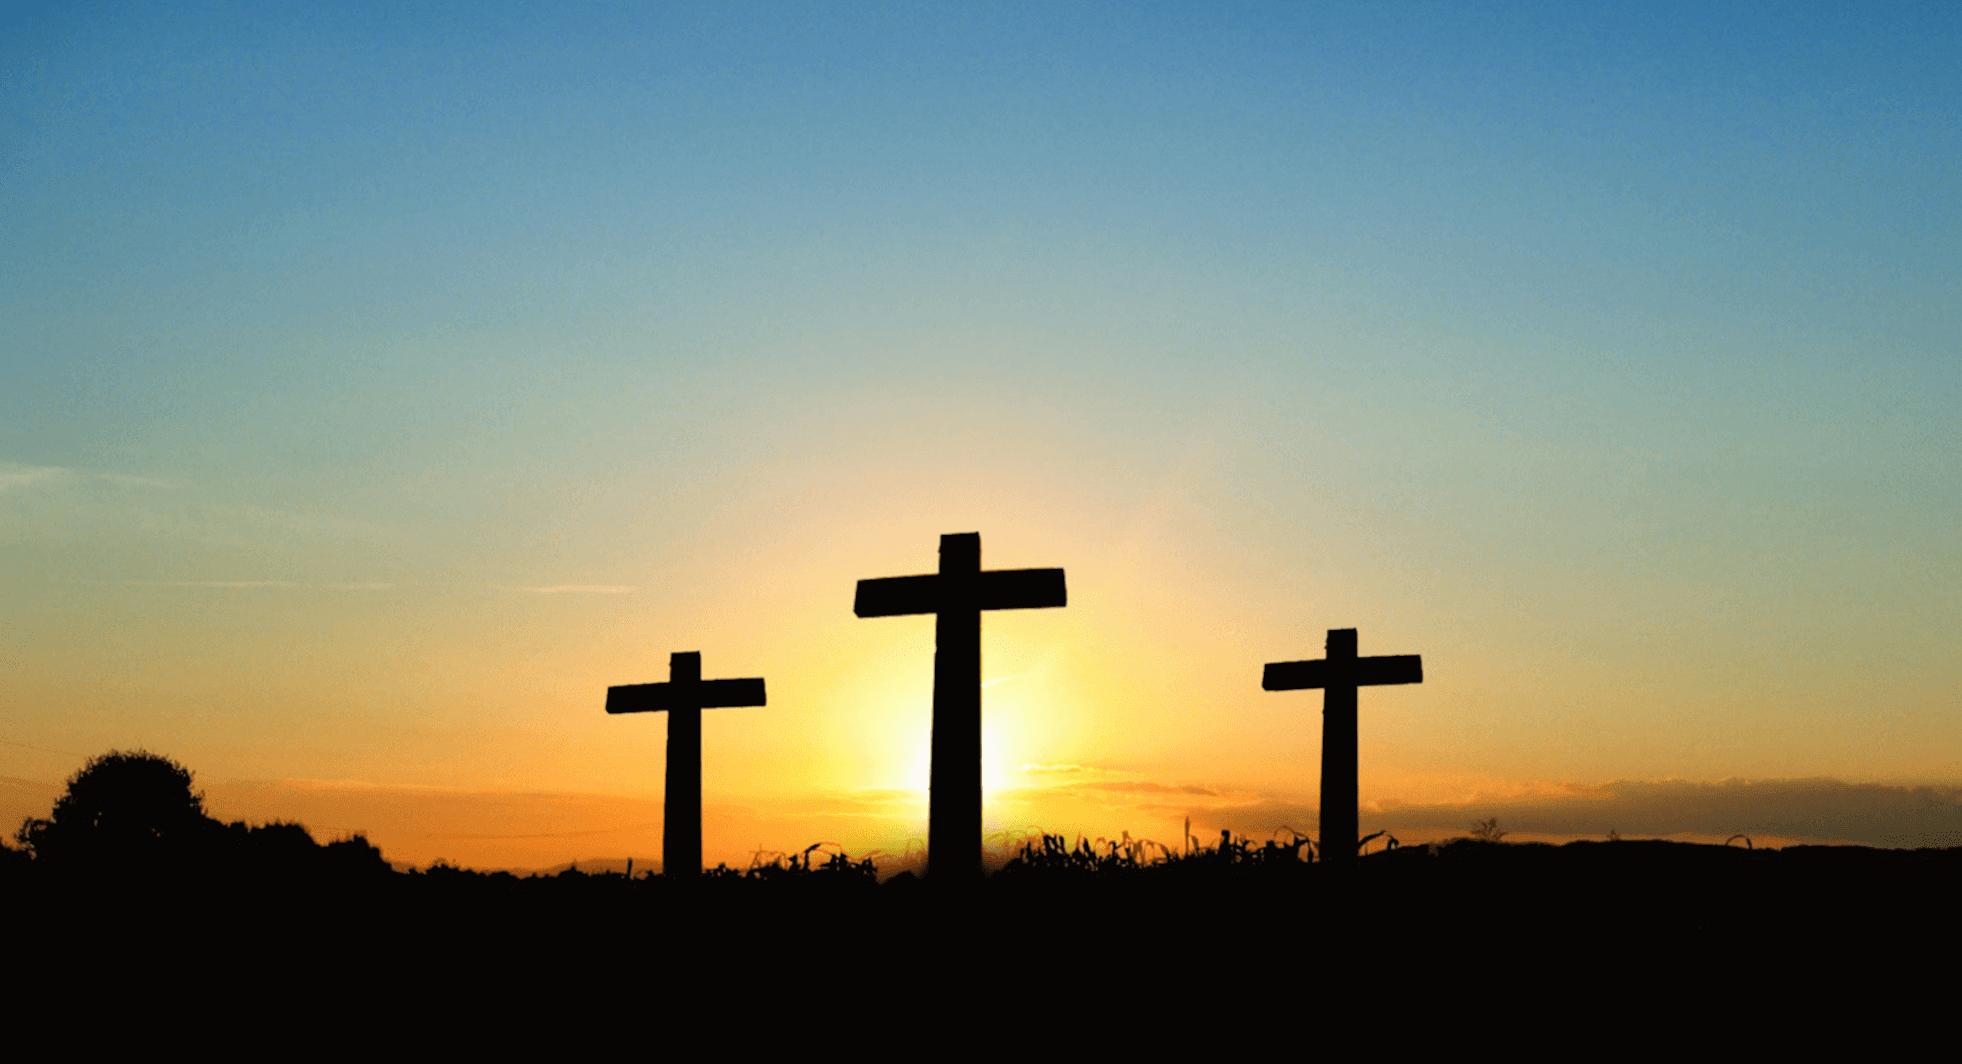 trinite salut jesus christ bible Dieu saint esprit